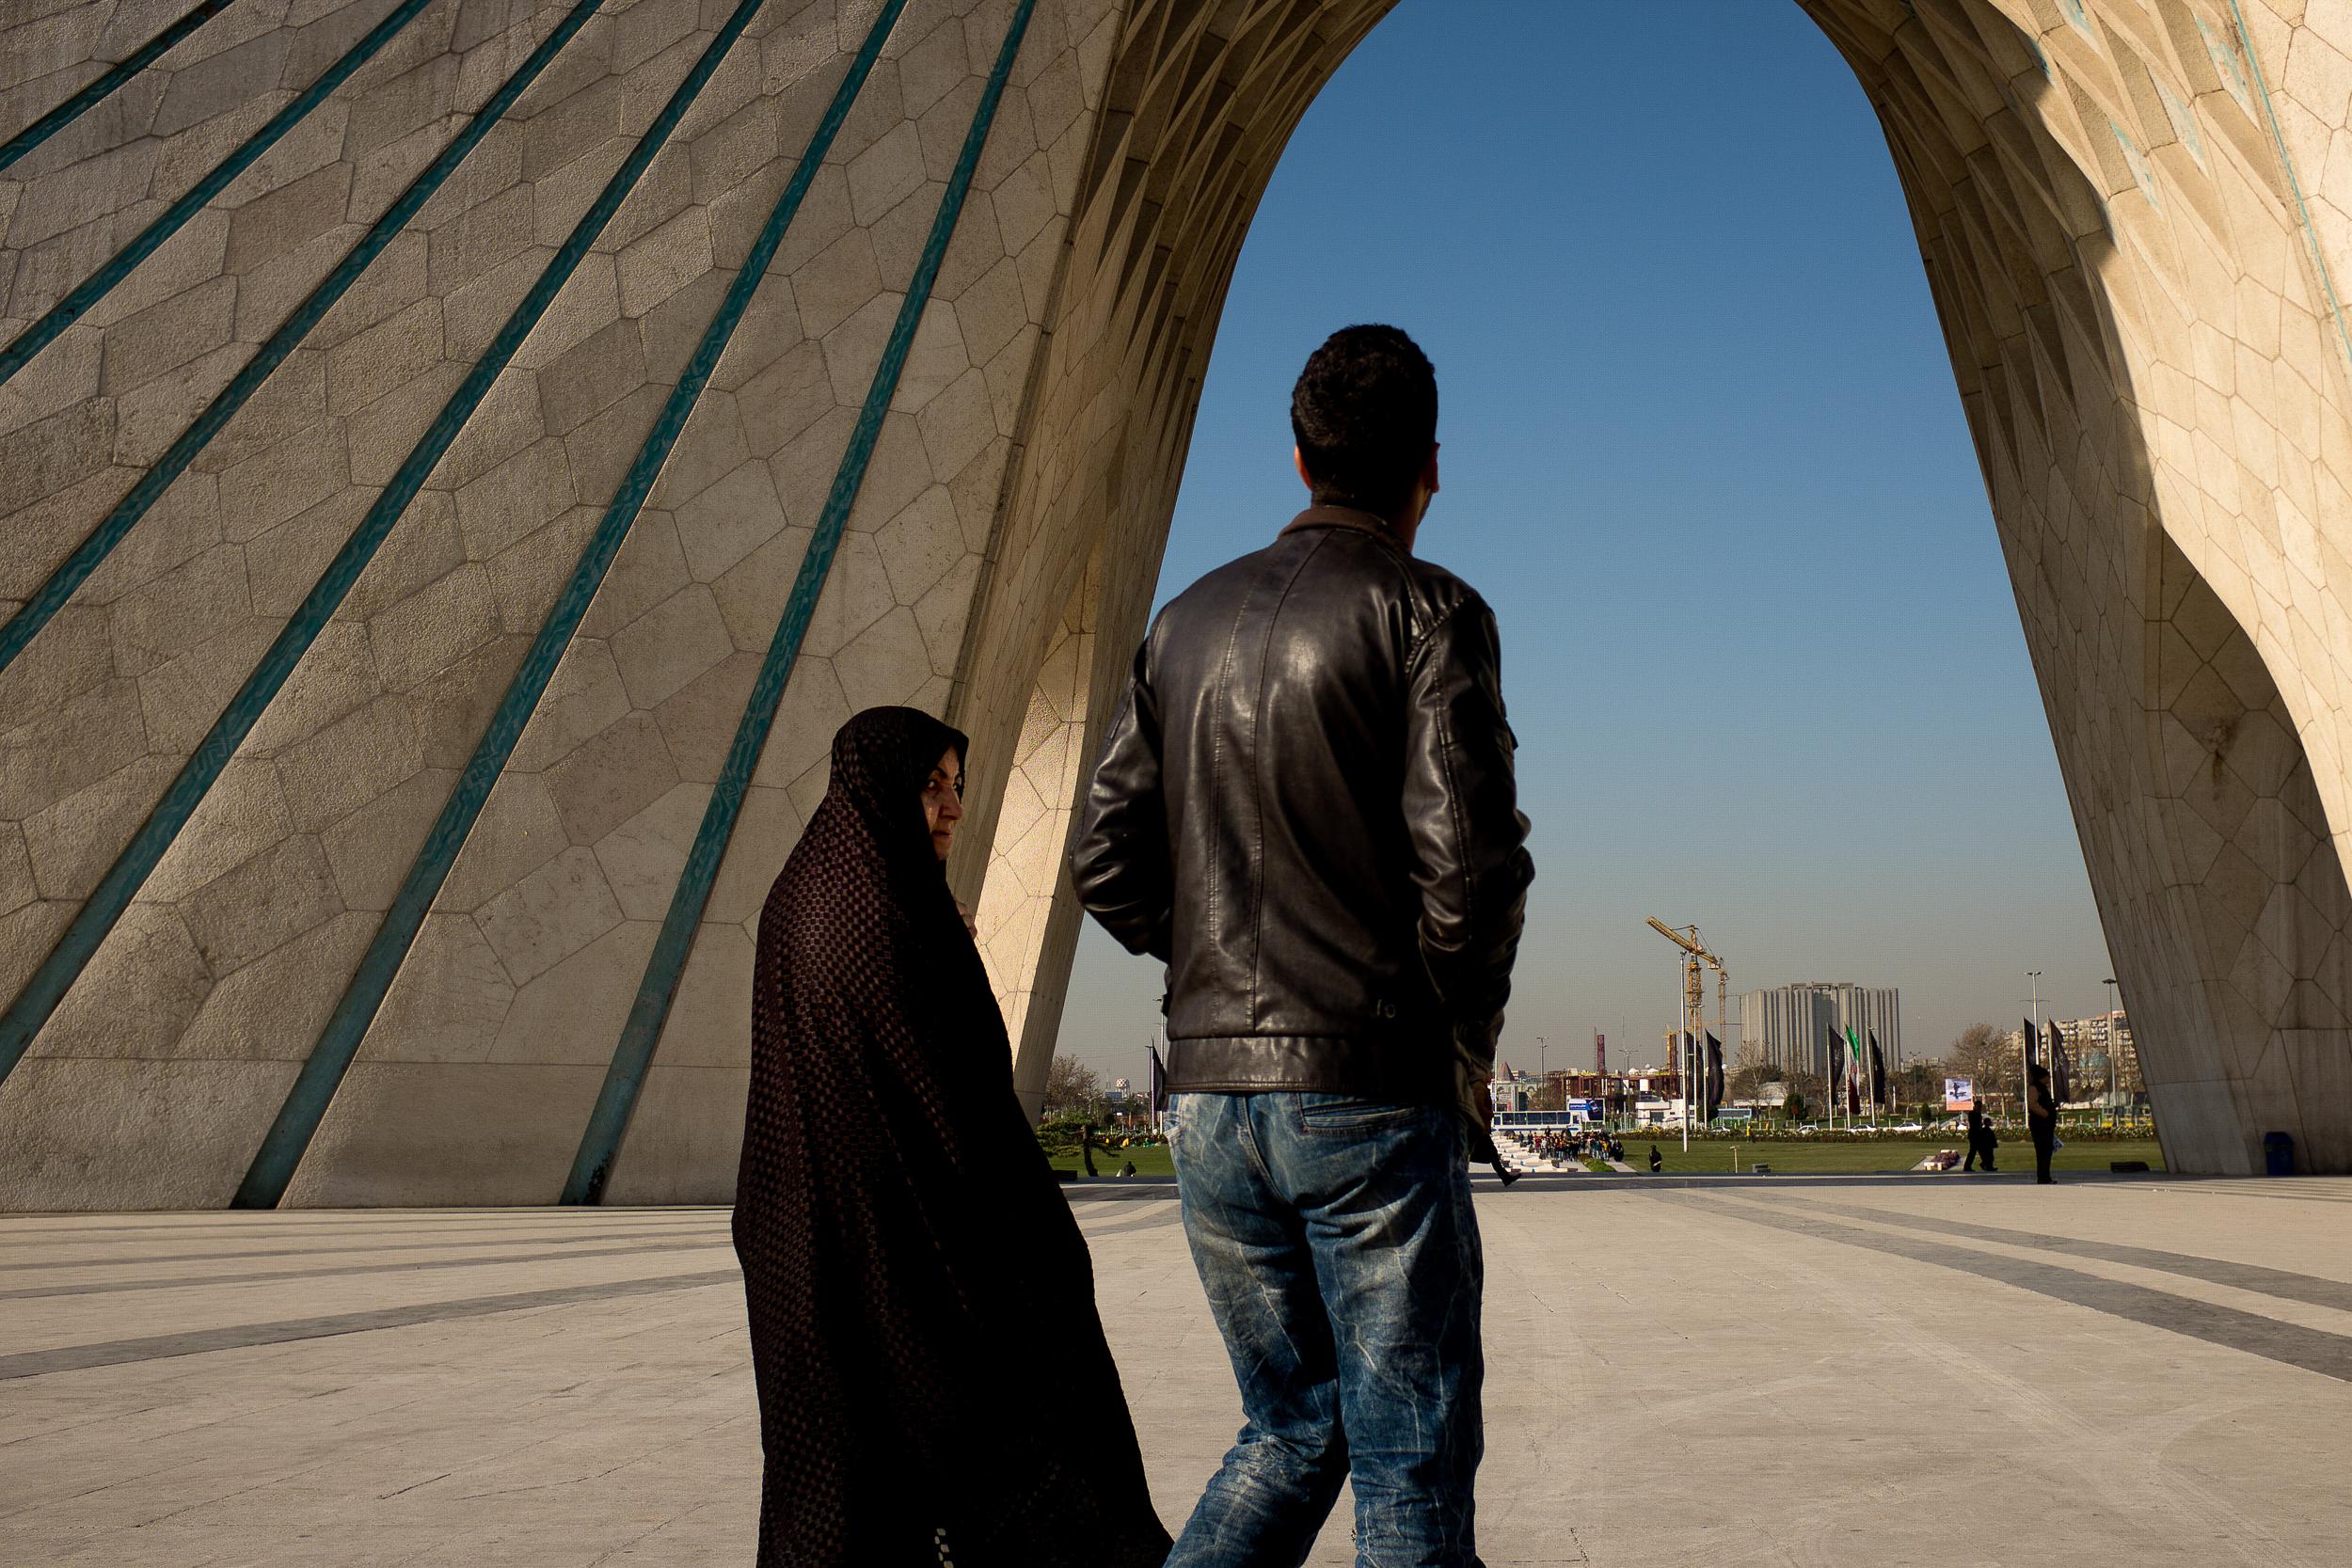 A woman casts her eye sideways as she walks underneath the Azadi Tower in Tehran.